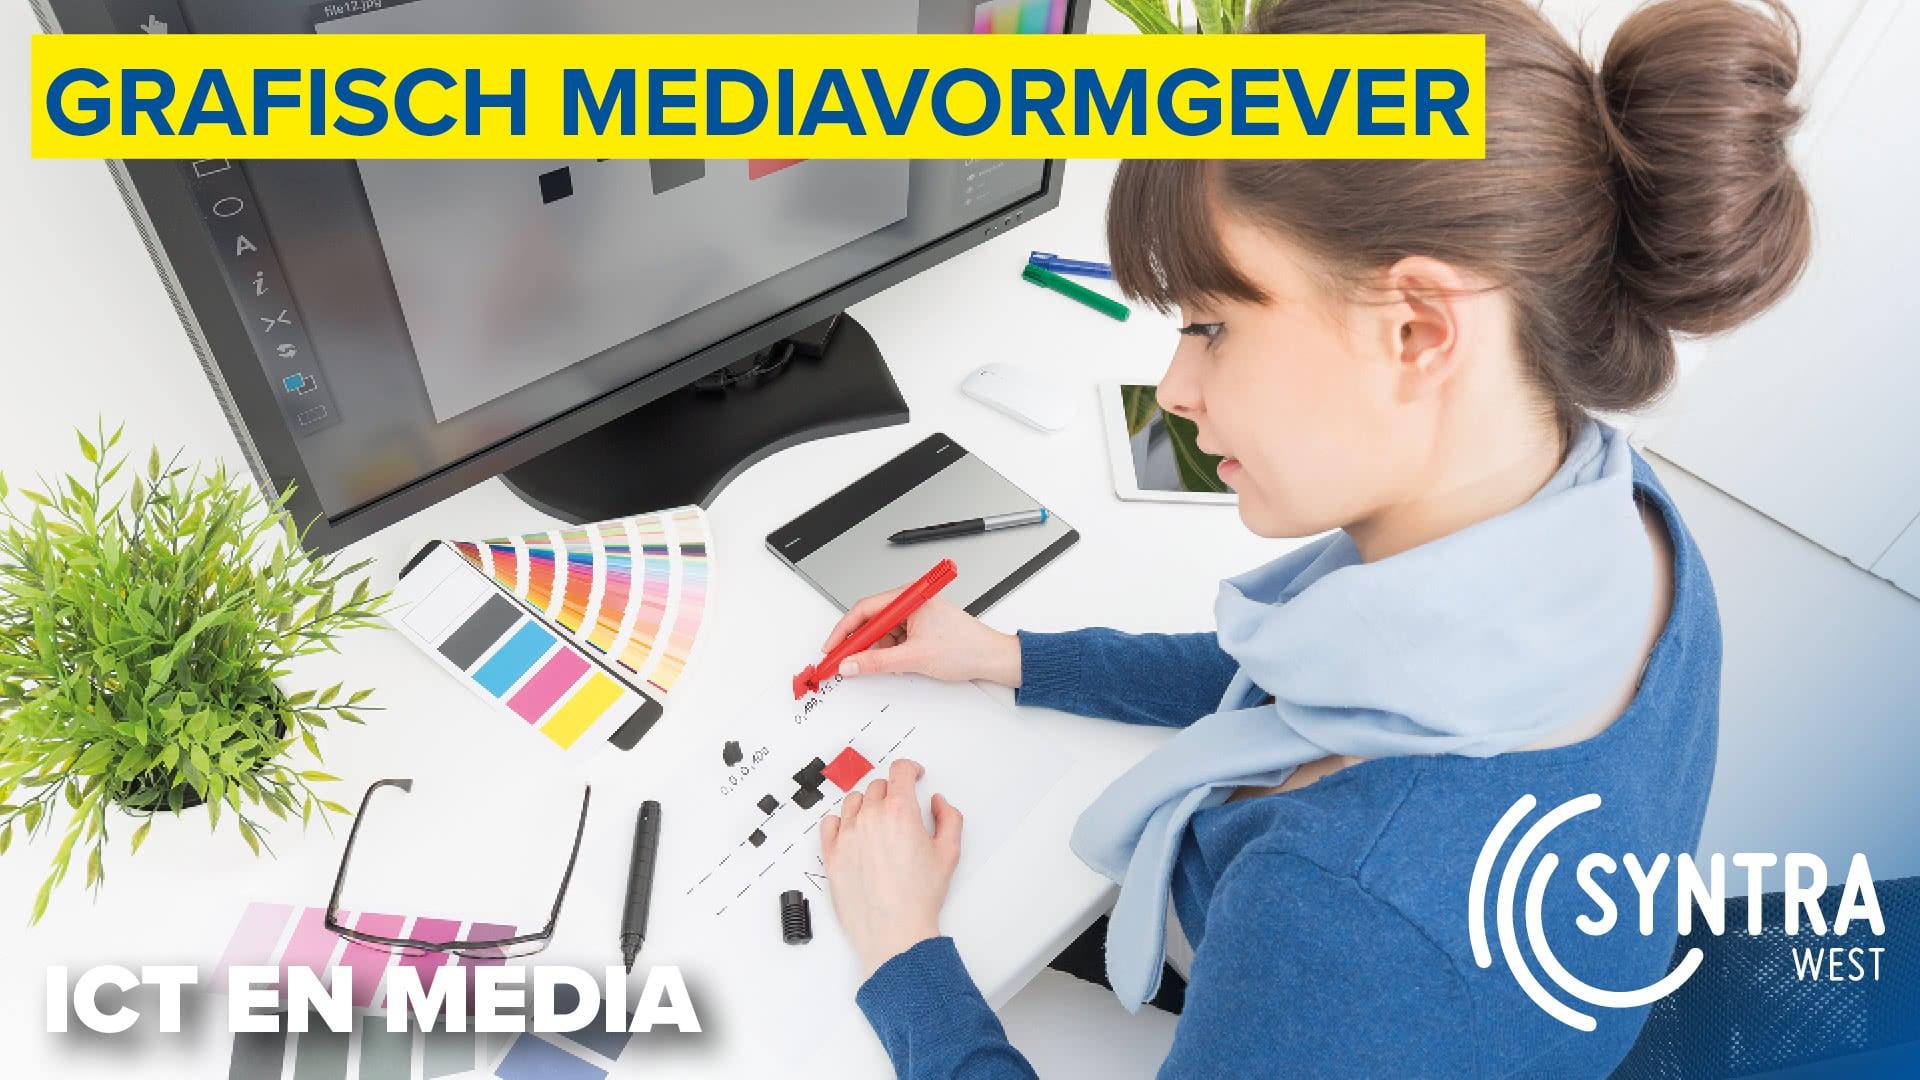 Grafisch mediavormgever